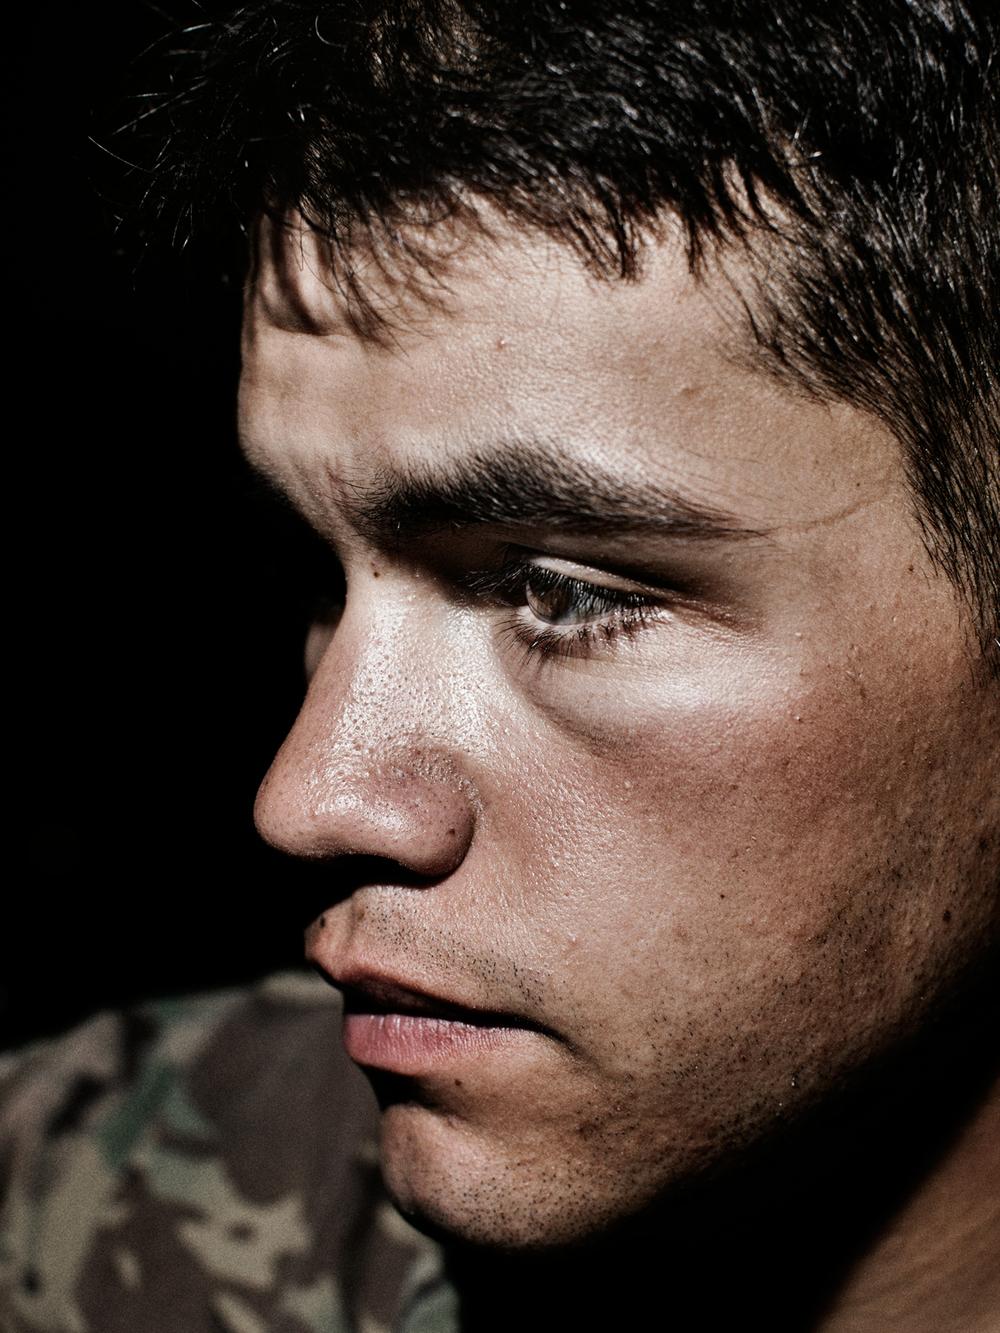 U.S. Army Specialist Anthony Inzitari.